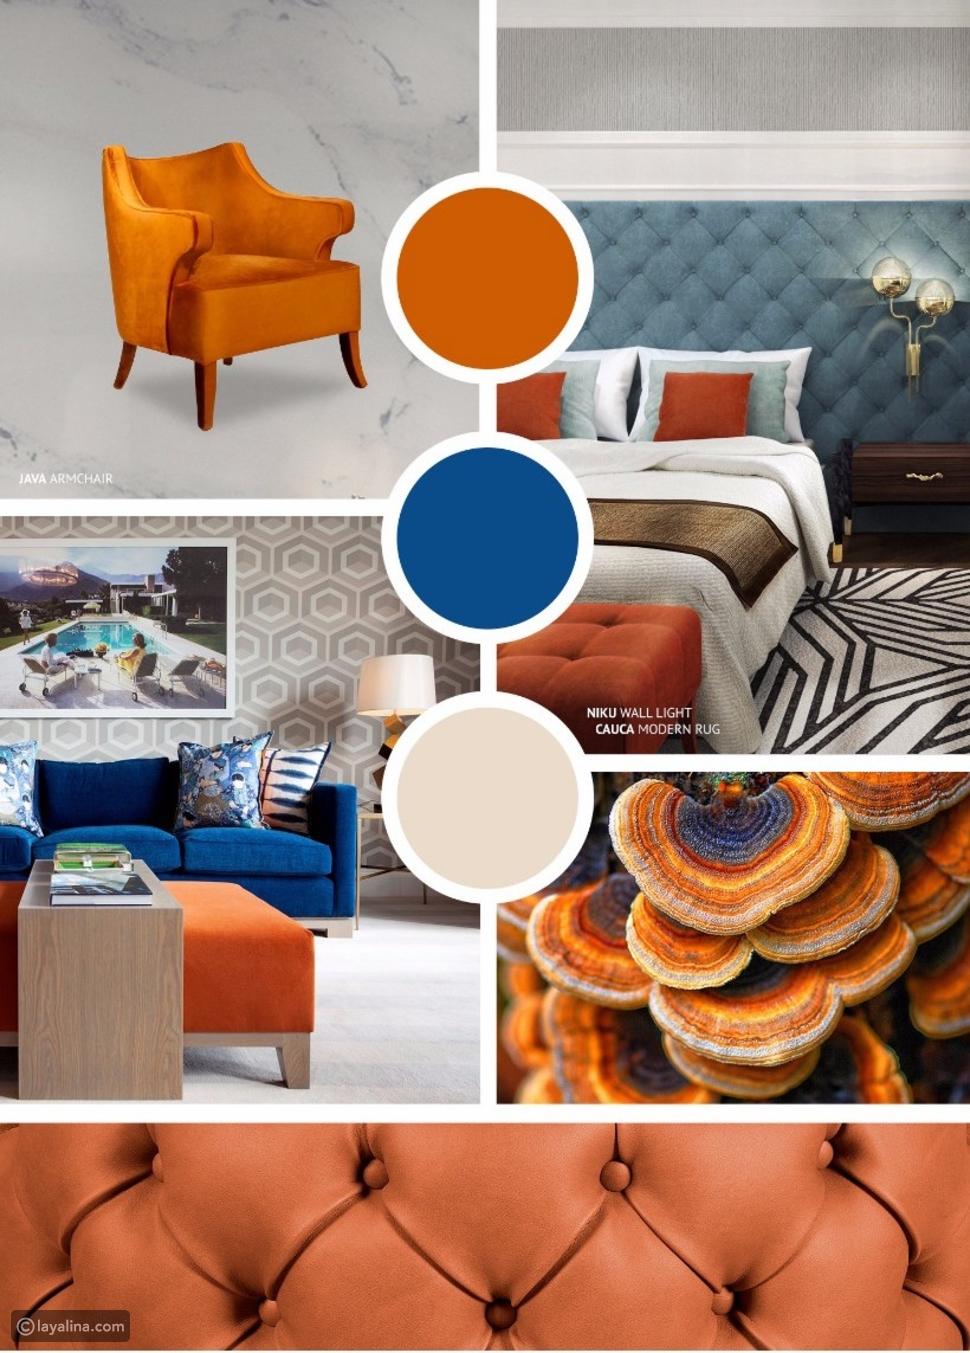 مزيج البرتقالي مع الأزرق الساحر